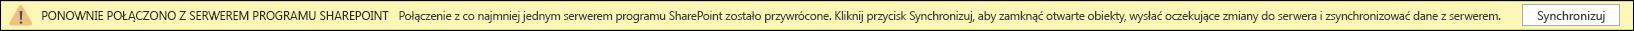 Kliknij pozycję Synchronizuj, aby ponownie połączyć się z serwerem programu SharePoint.